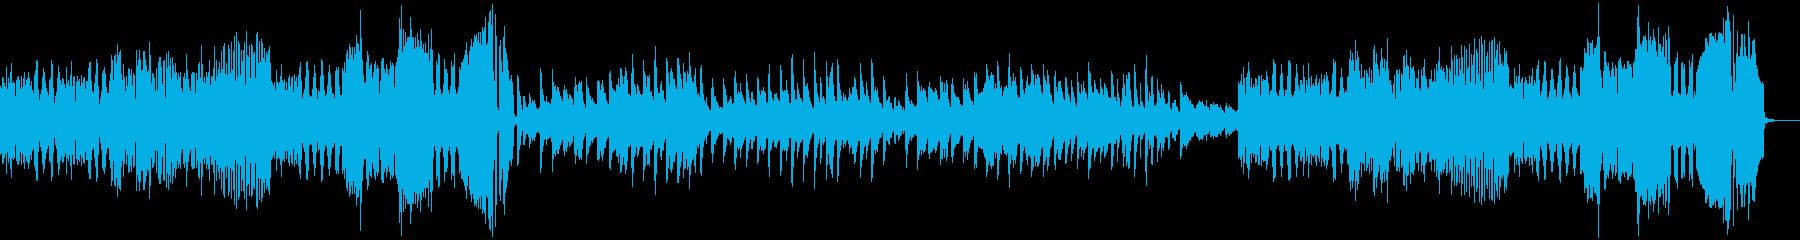 チャイコフスキー四季より8月収穫の歌の再生済みの波形